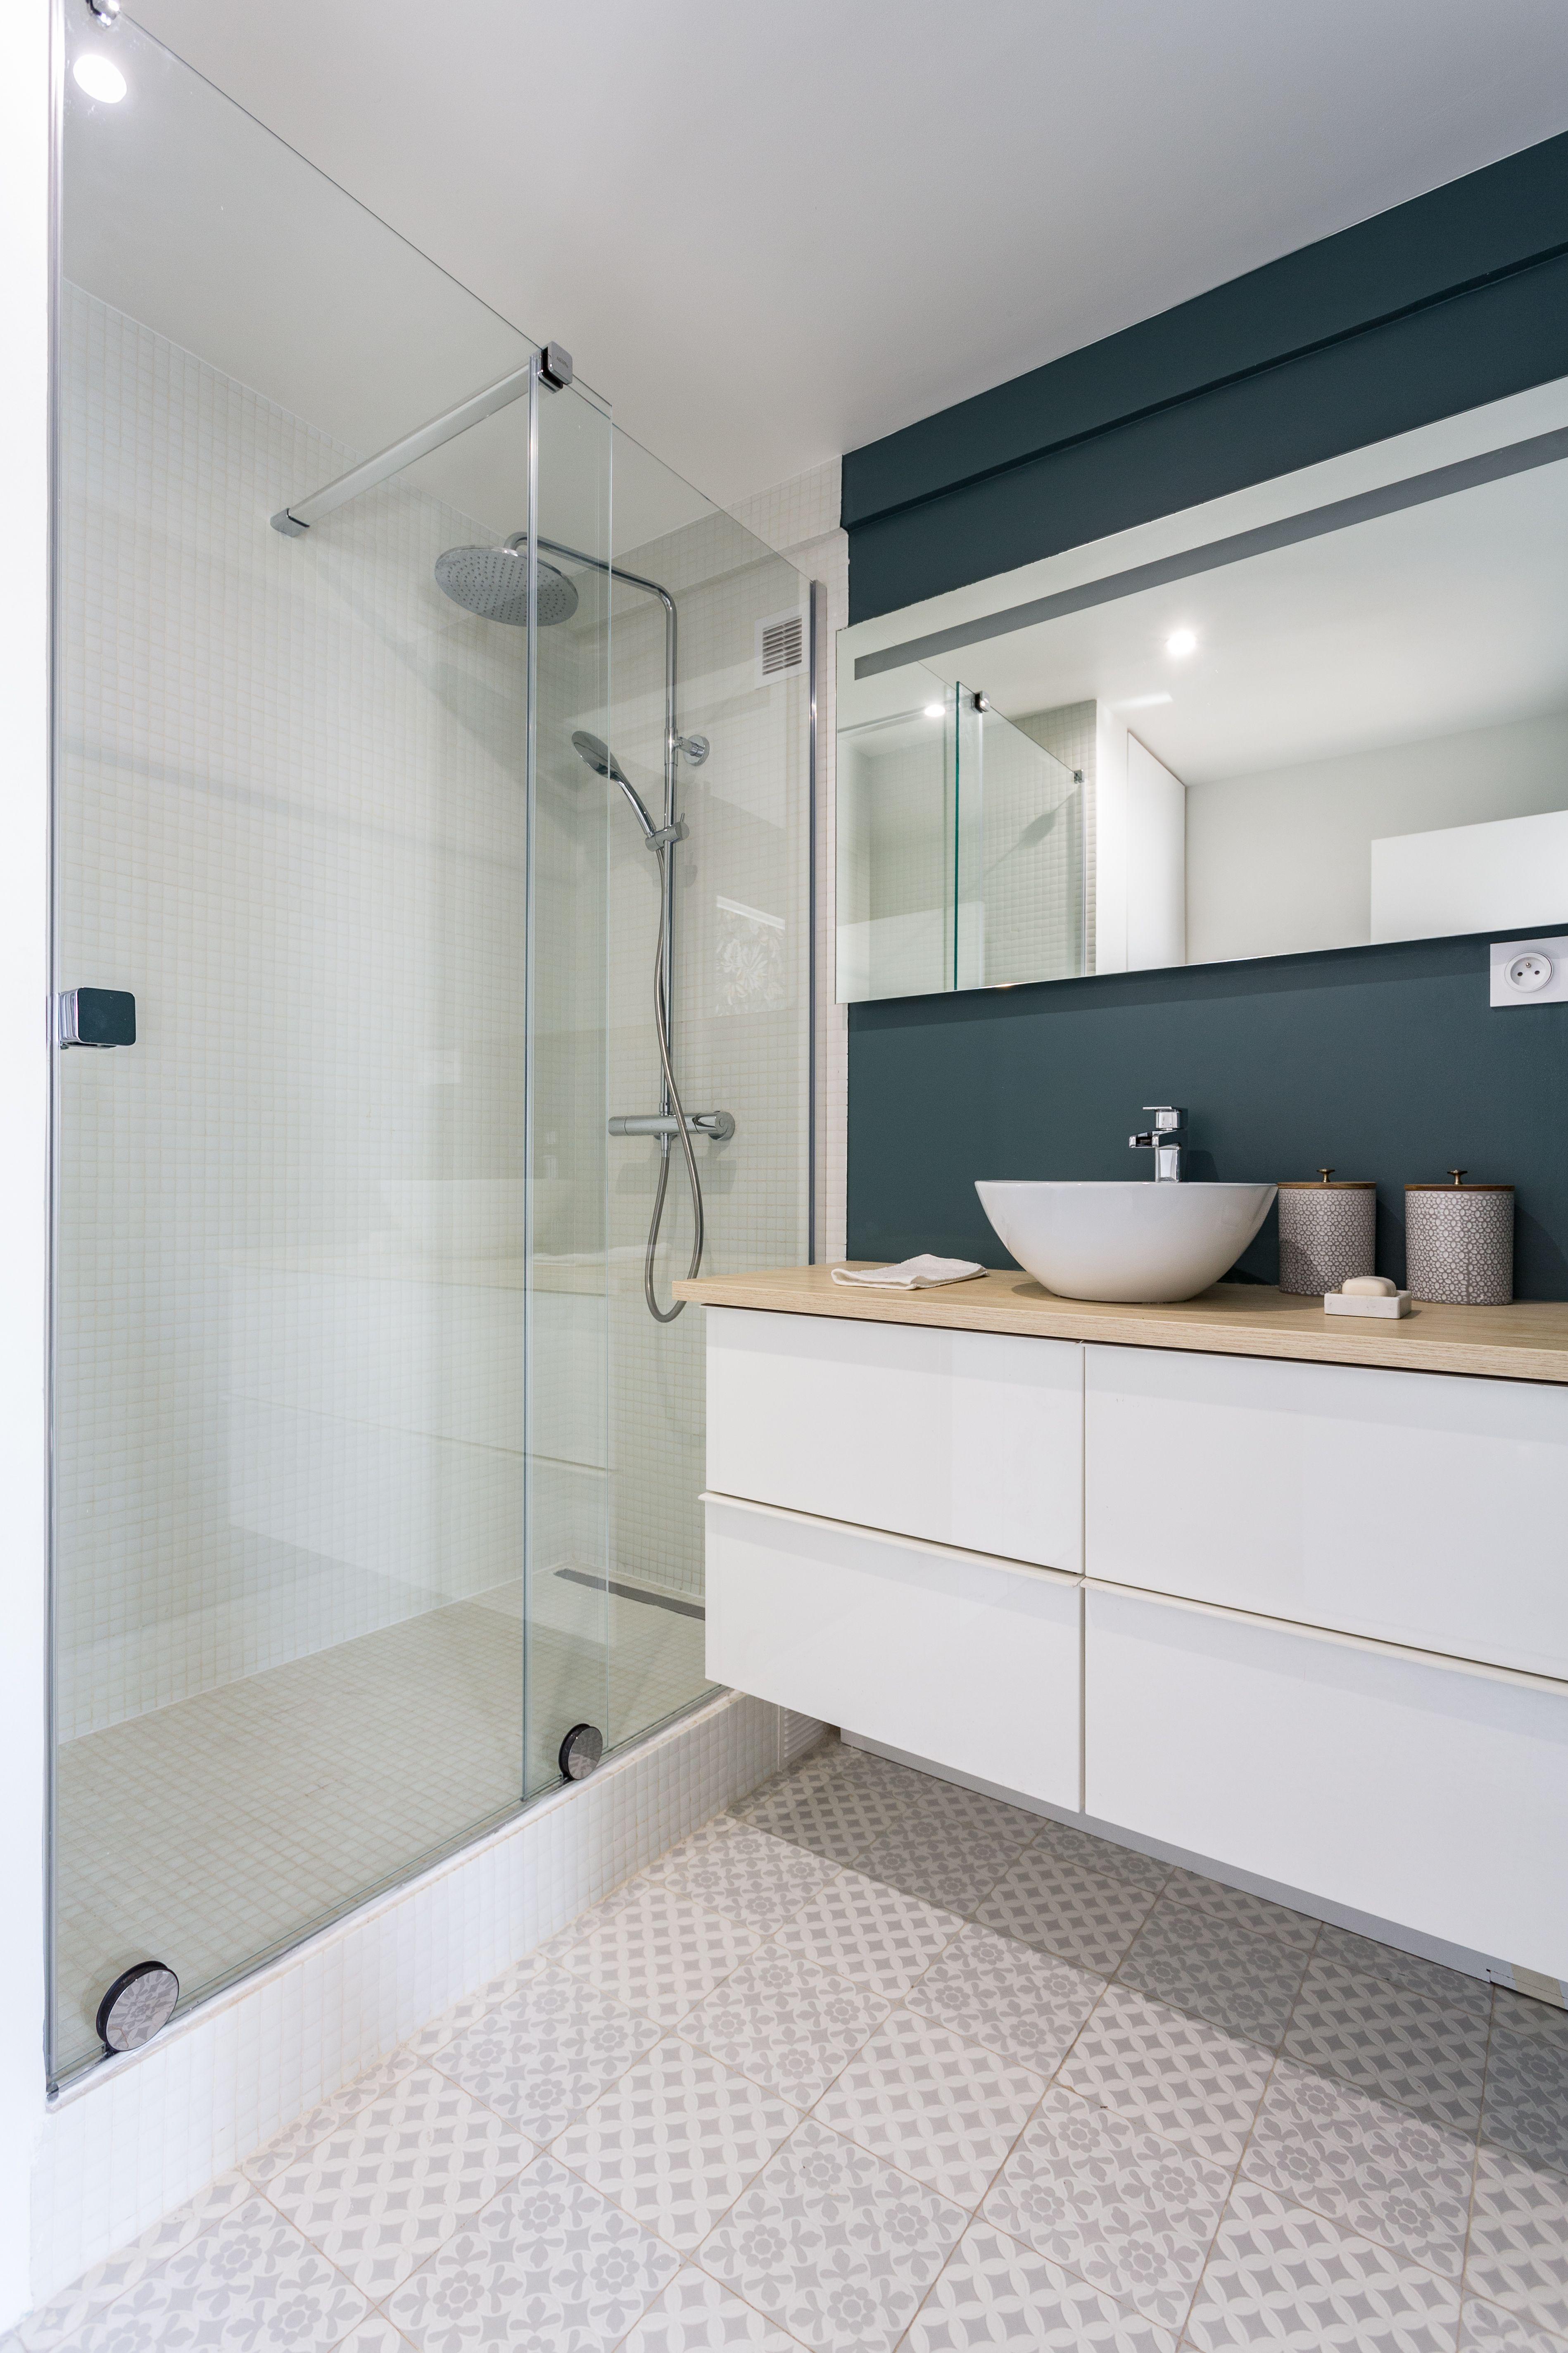 salle d eau scandinave tons clairs design moderne de salles de bains salle de bain design salle d eau